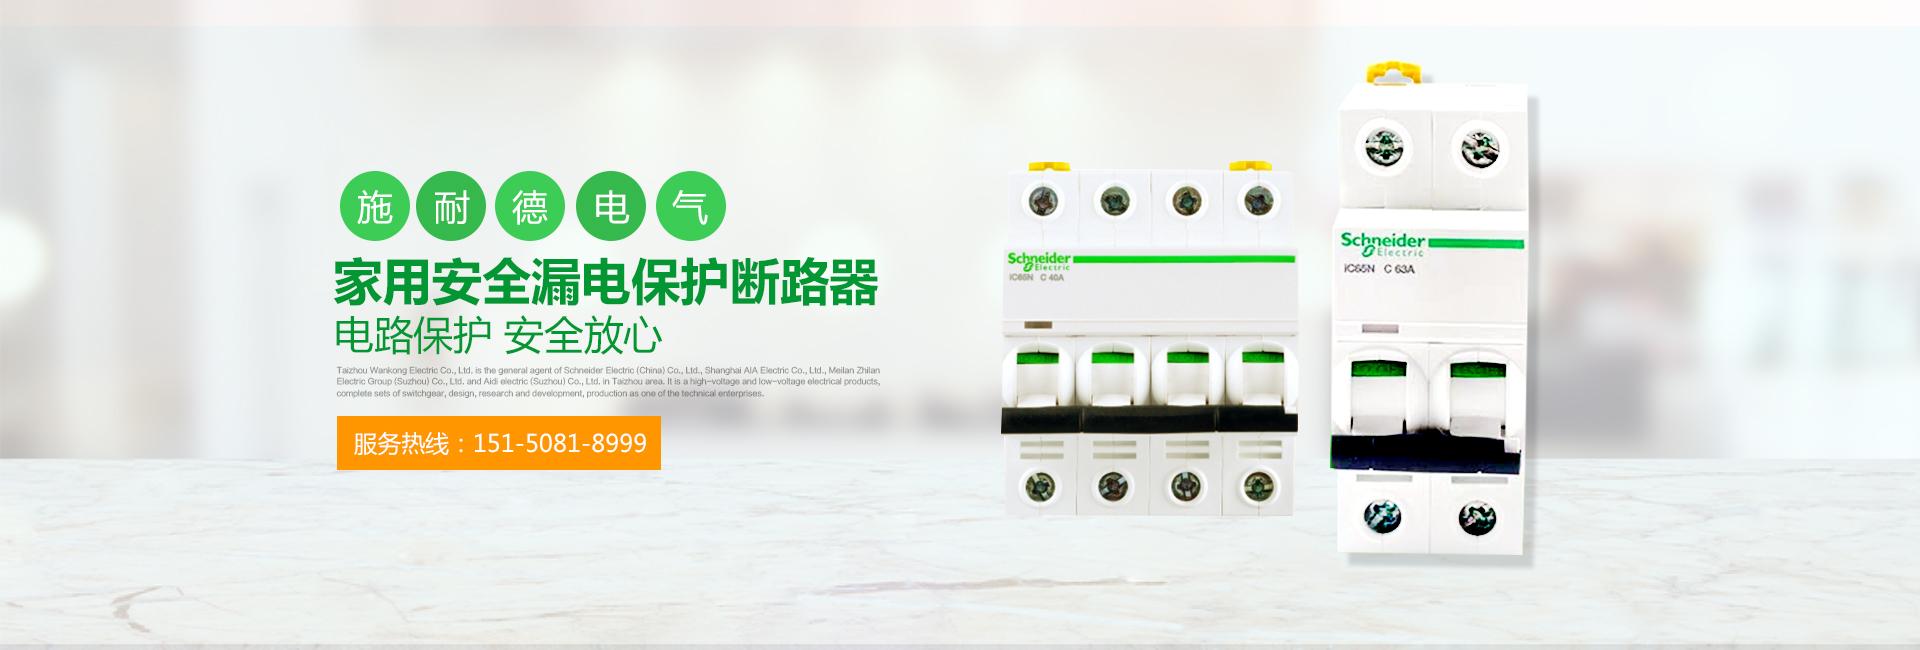 施耐德电气开关,施耐德代理,上海友邦电气